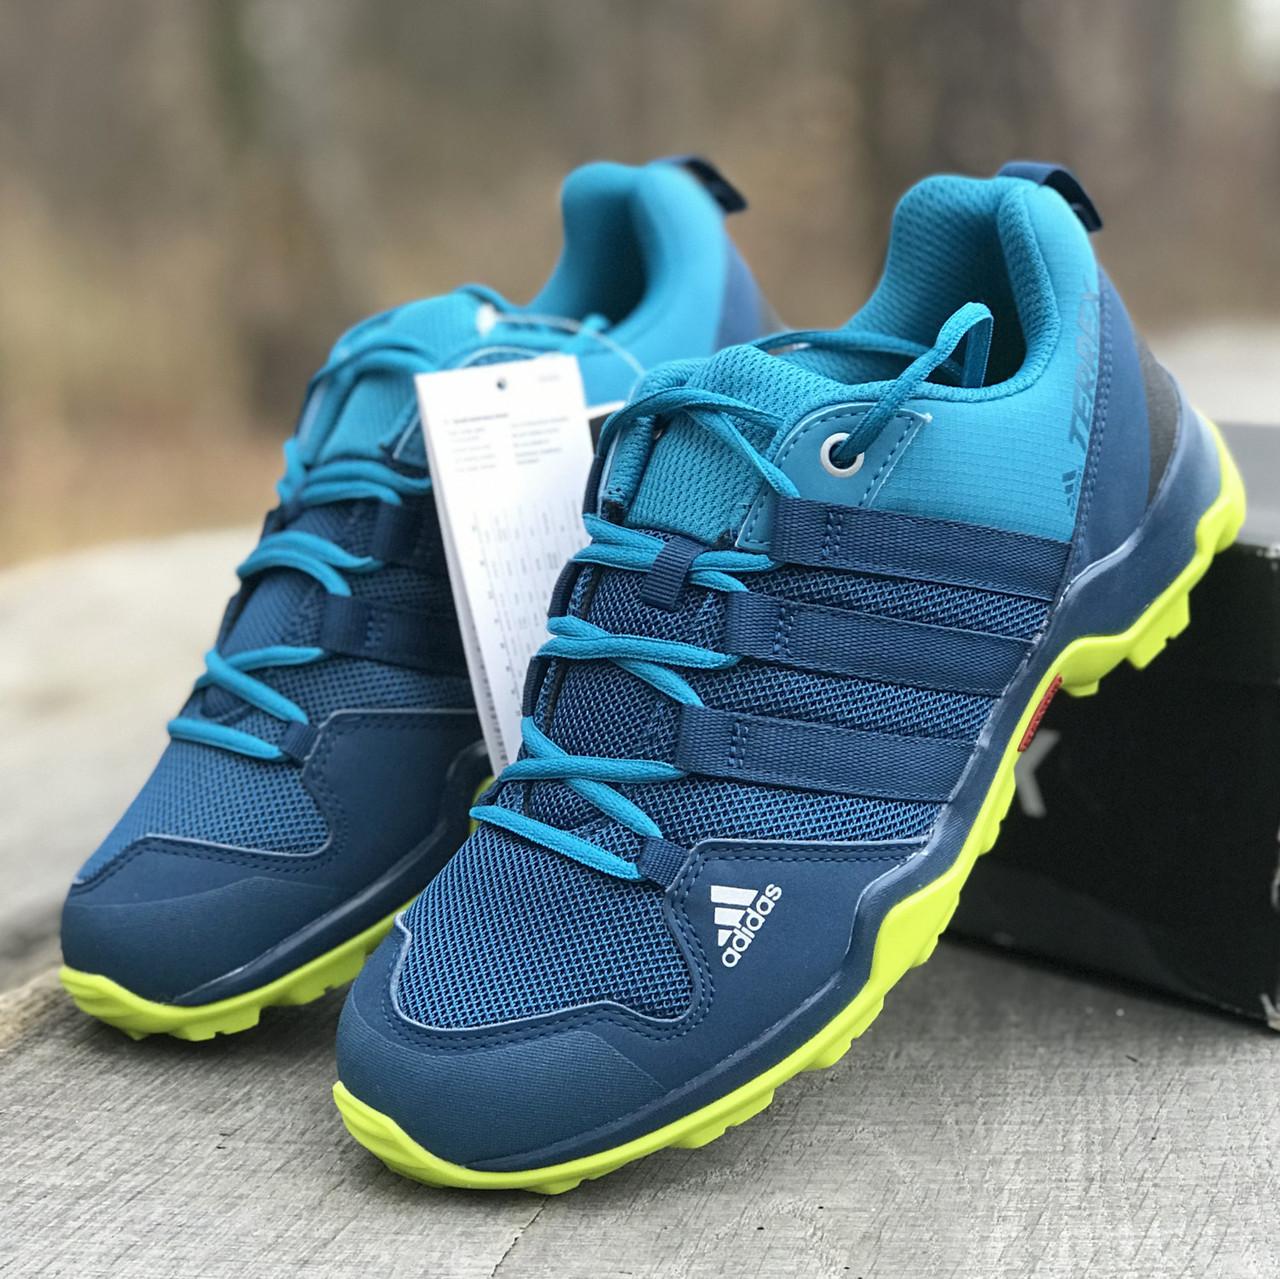 23f238f11 Кроссовки Adidas Terrex AX2R K р 35, адидас магазин детской обуви -  Интернет-магазин